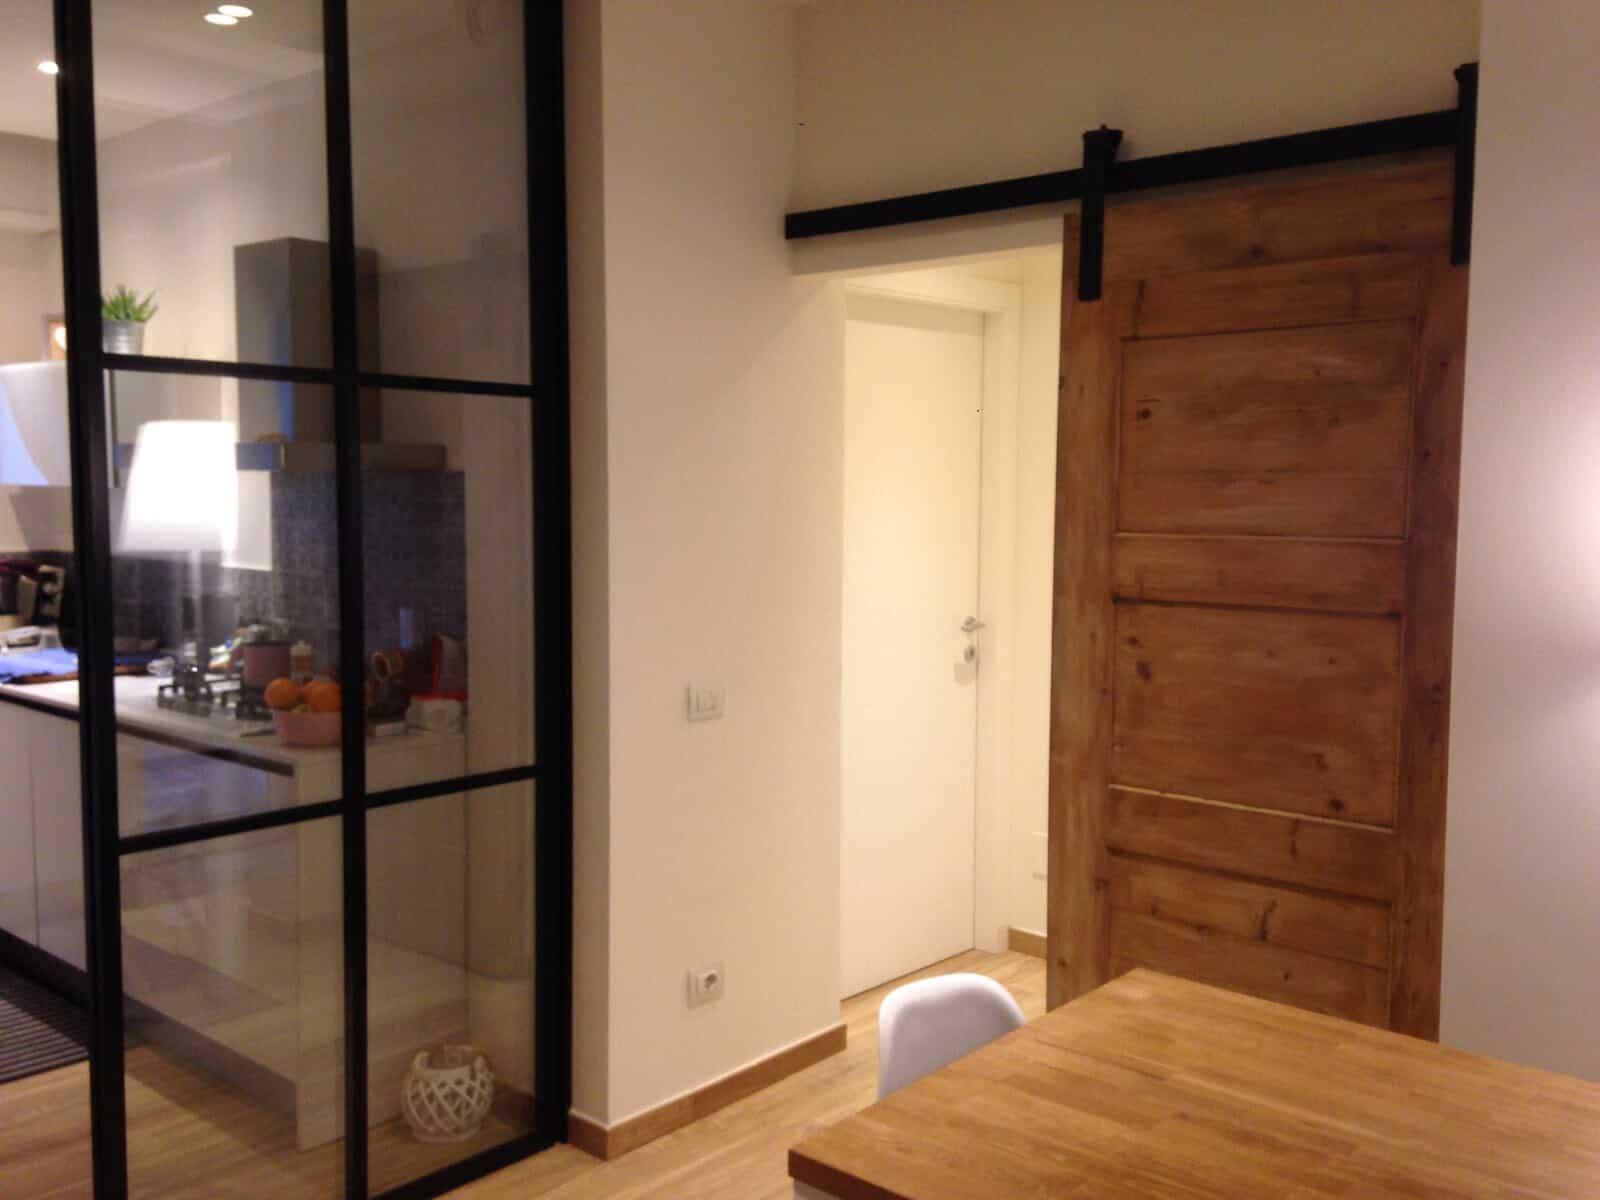 Appartamento industriale con porta scorrevole esterno muro for Ikea coprifili